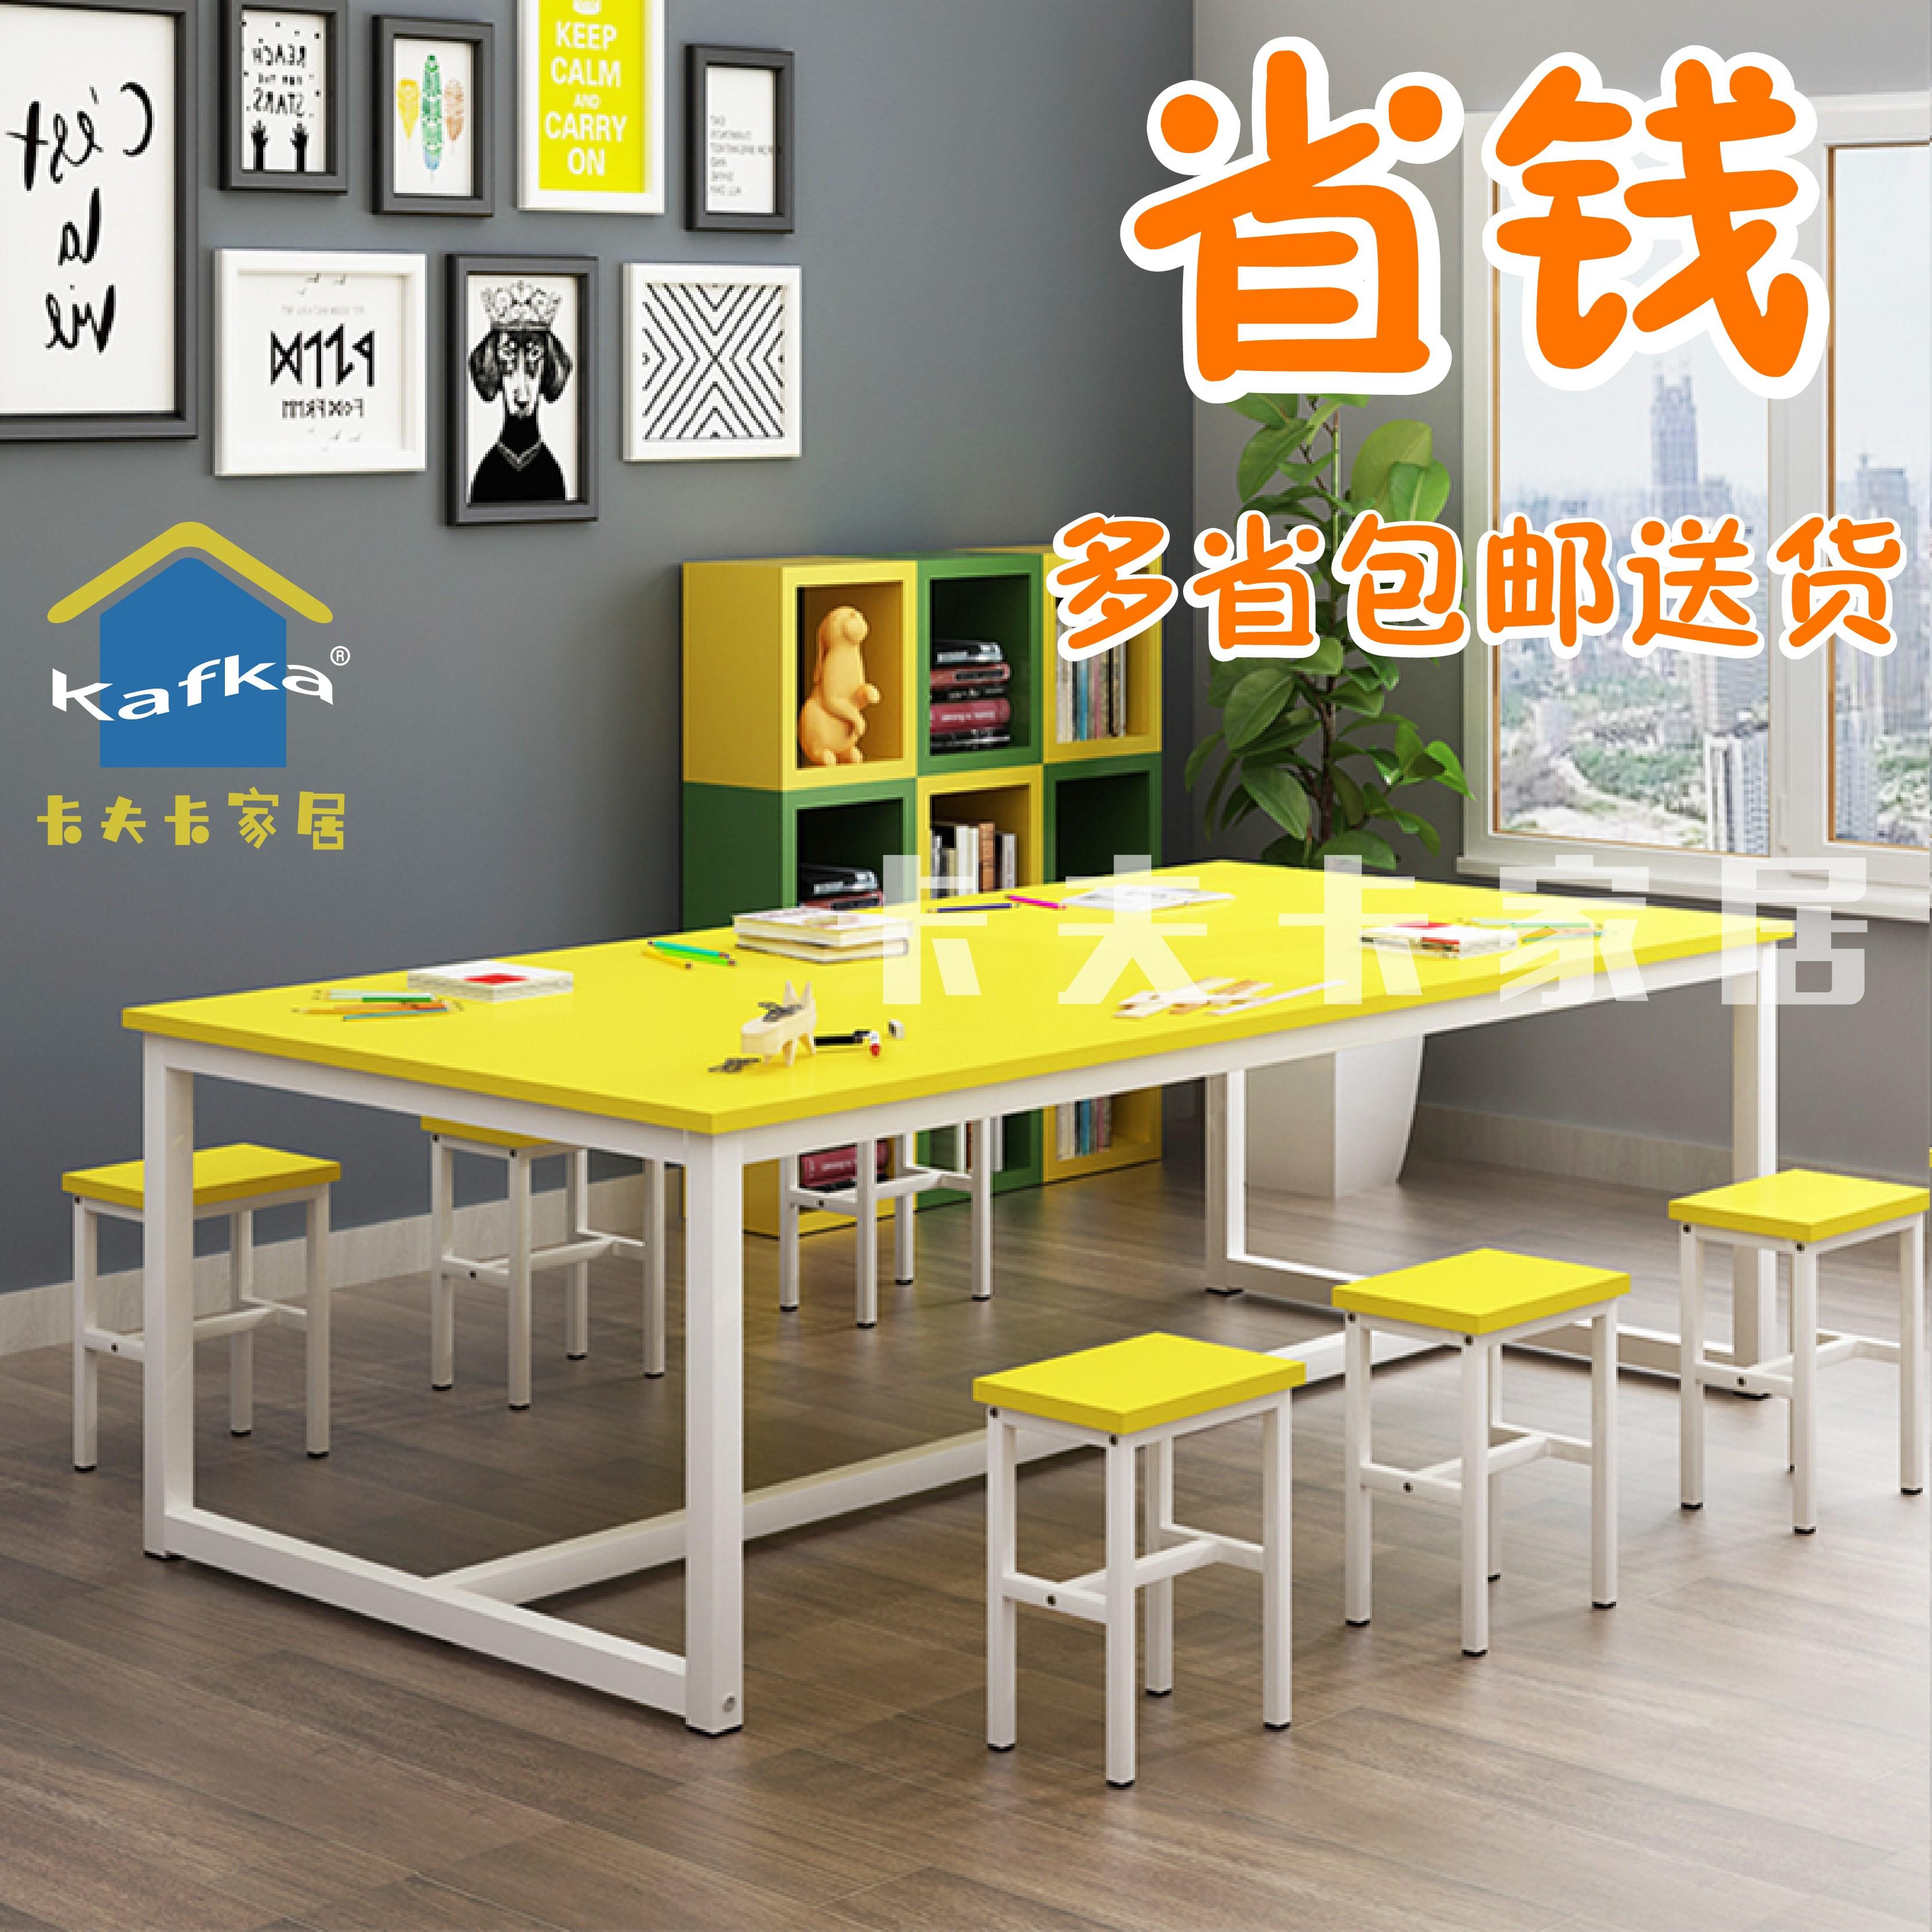 Школьная мебель Артикул 595667031976